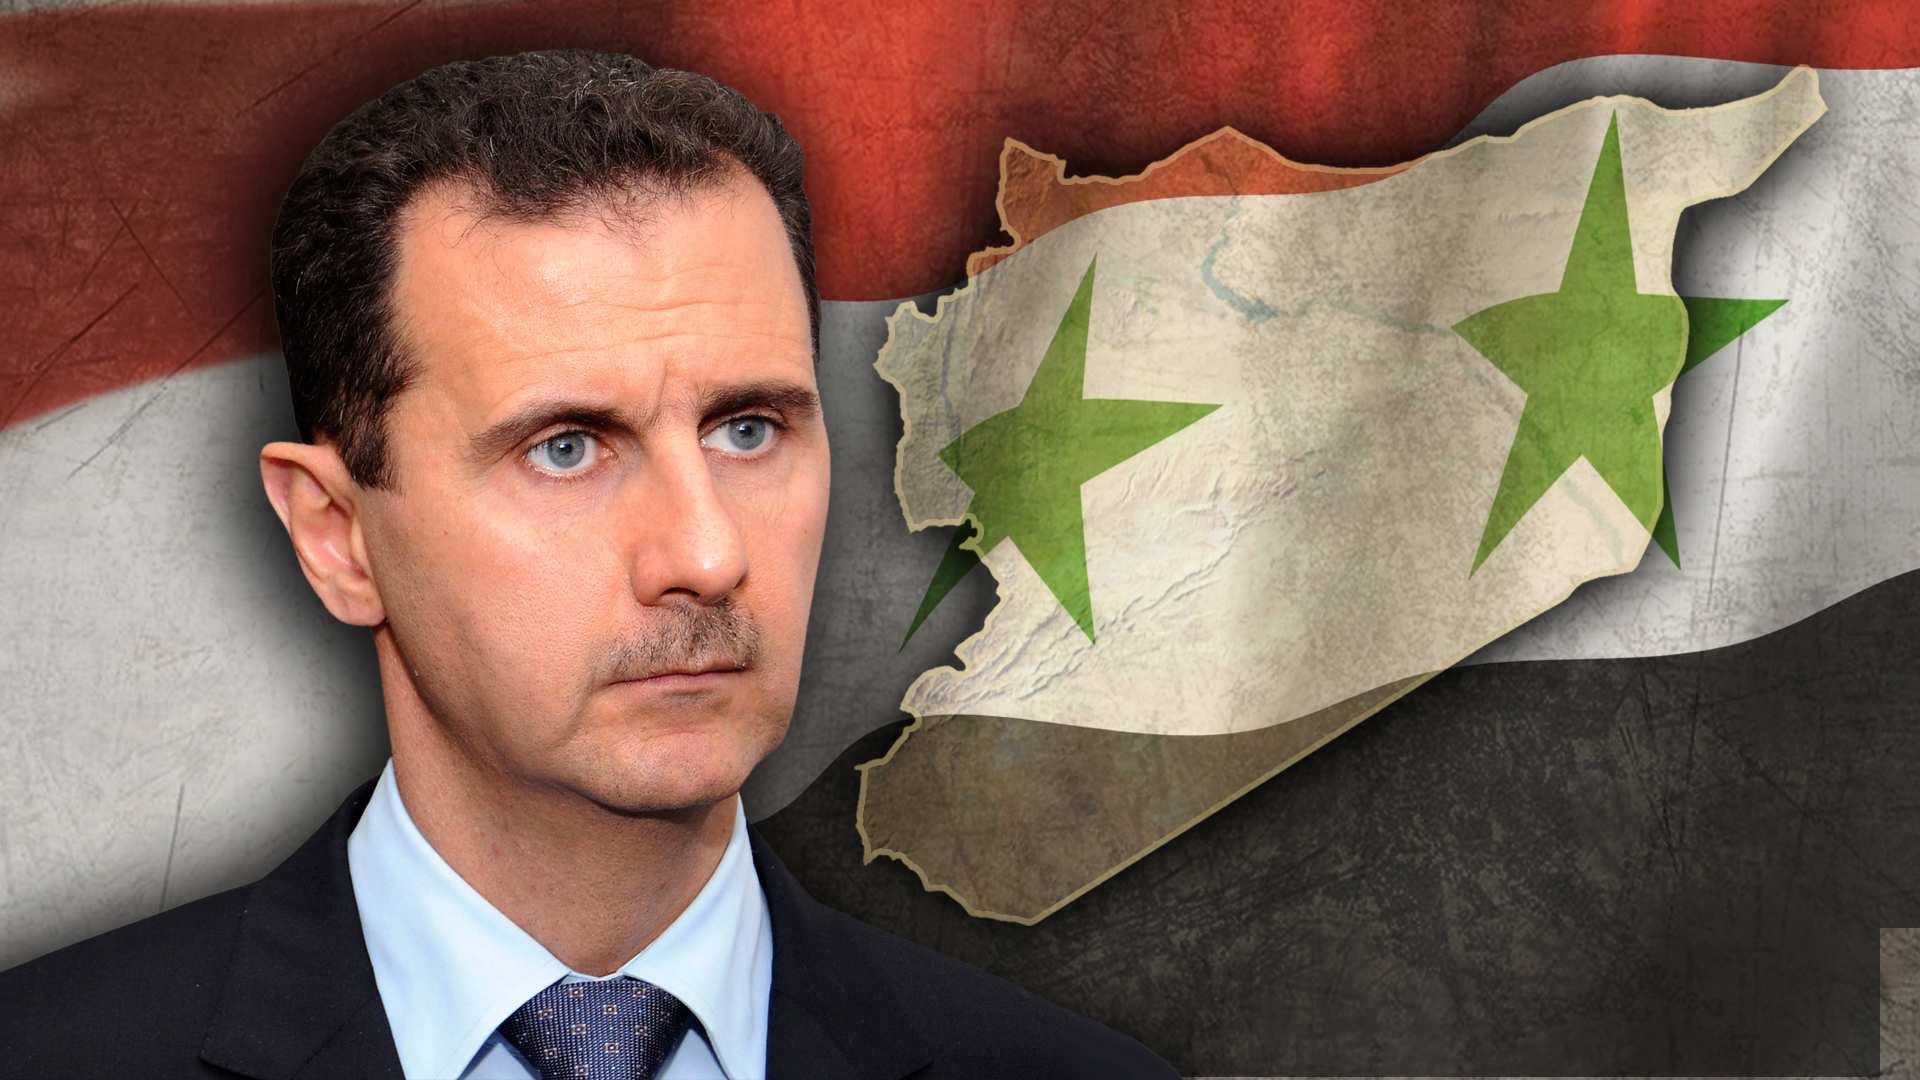 О Сирии, США и Европе — интервью президента Башара Асада для RT (ВИДЕО) | Русская весна